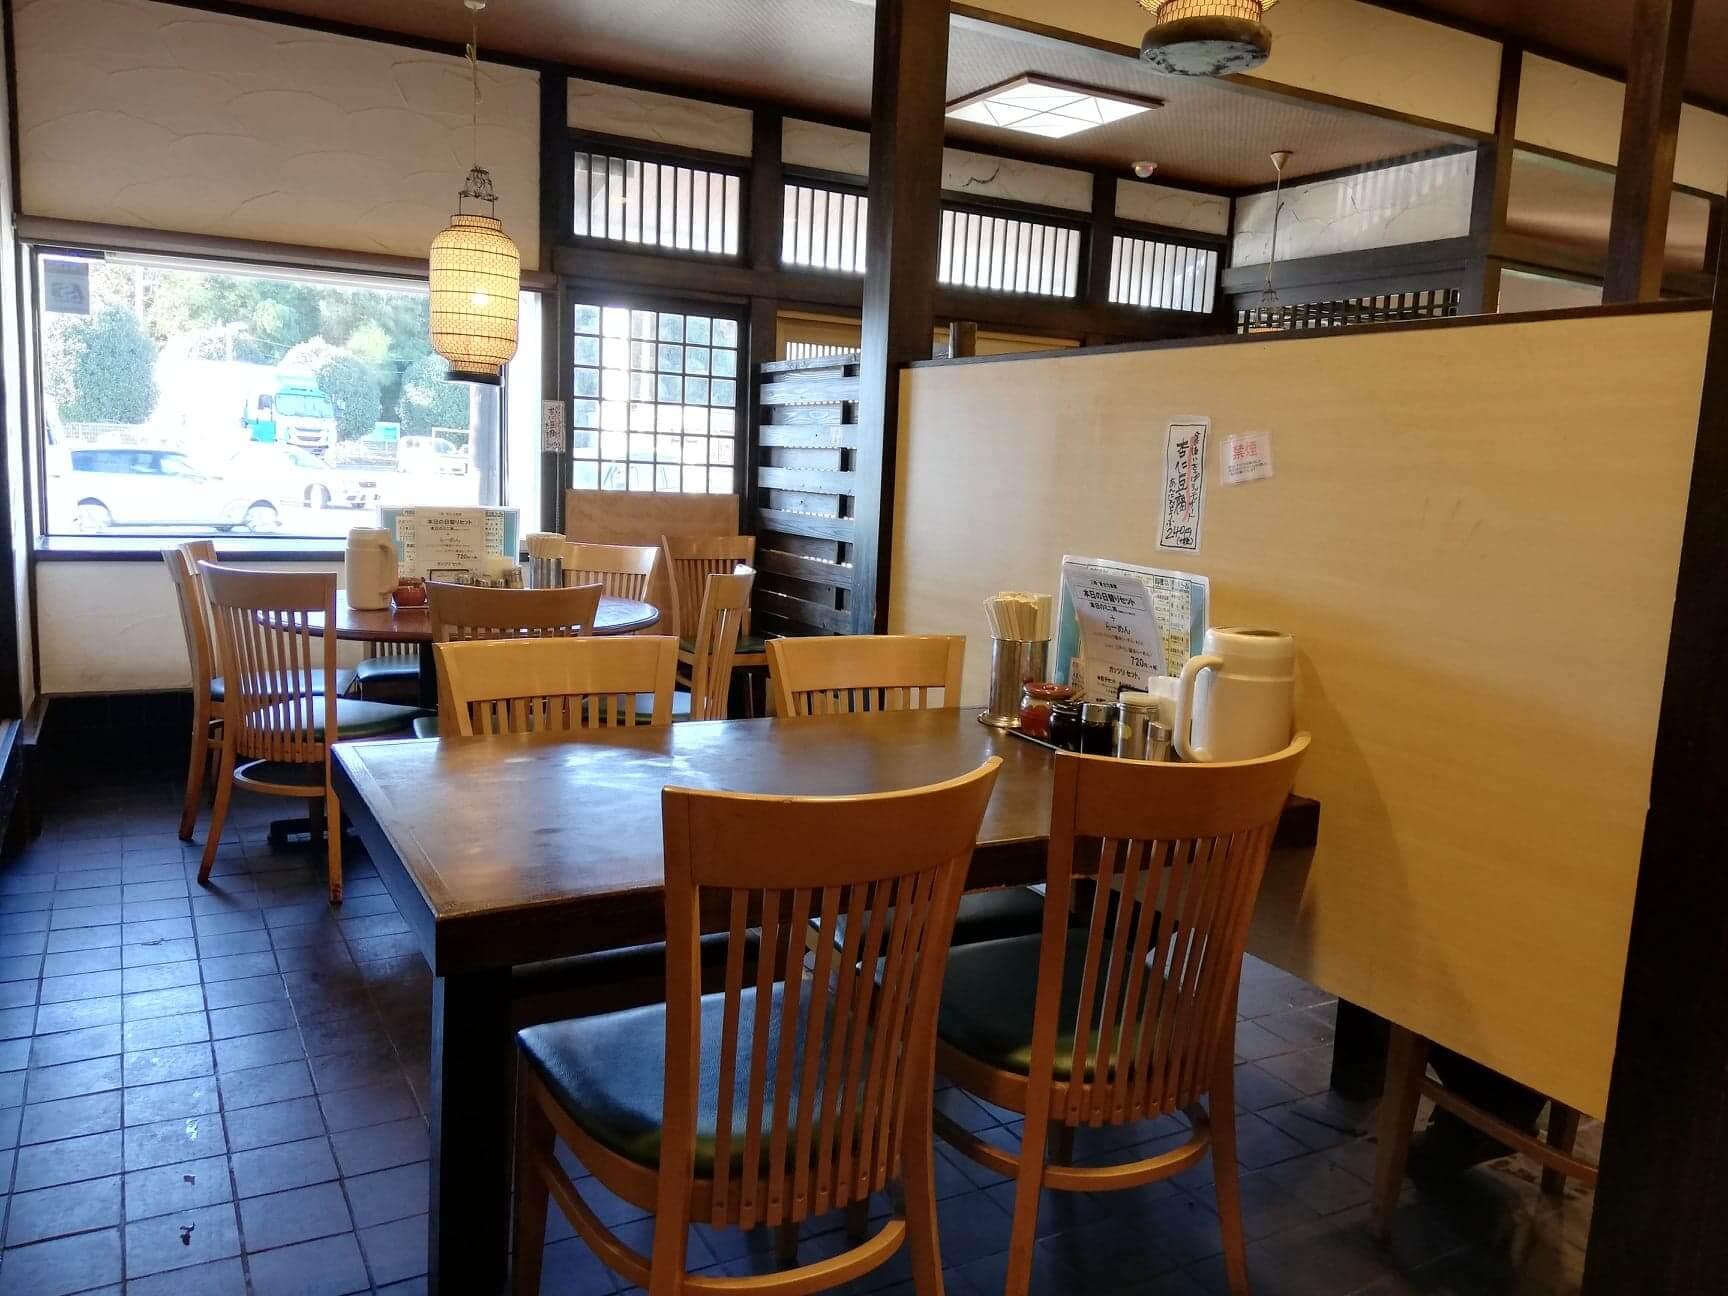 新座『三珍富士力食堂』の店内写真①